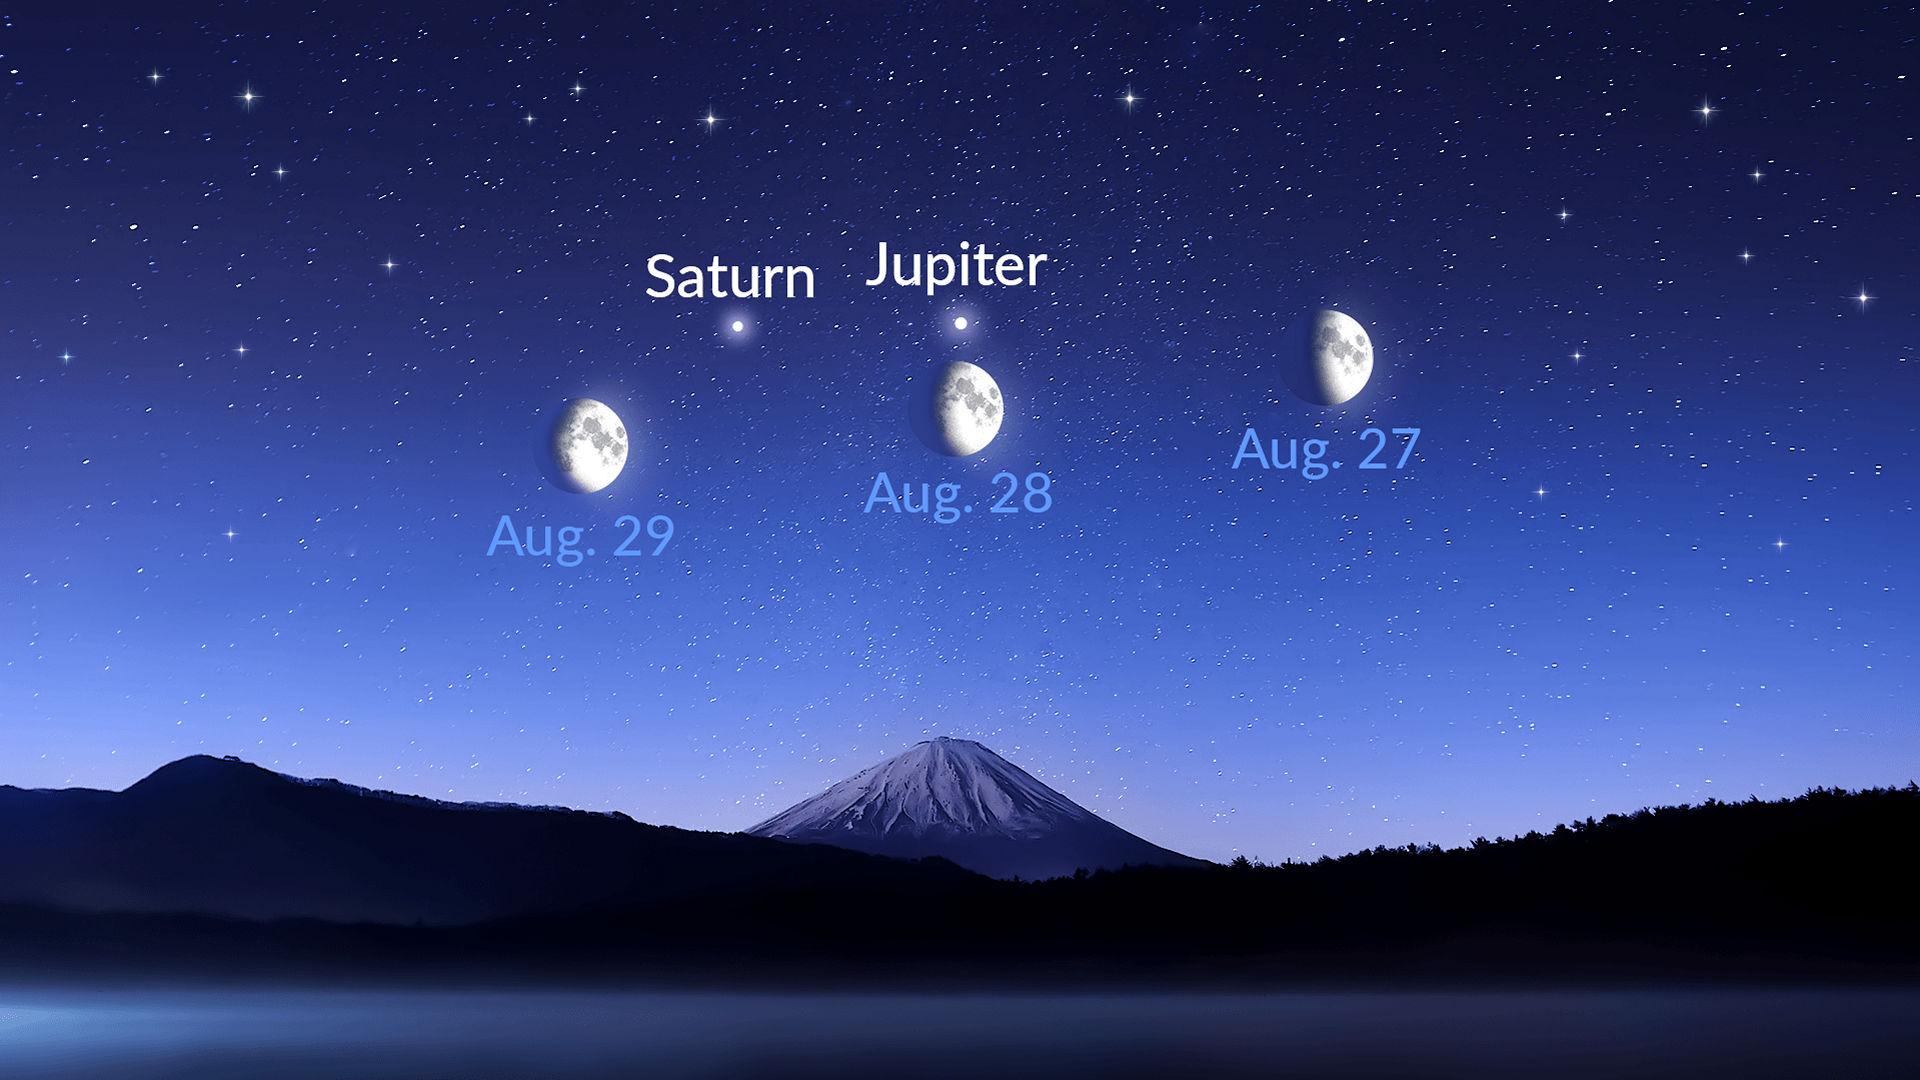 Луна, Сатурн и Юпитер встречаются в ночном небе